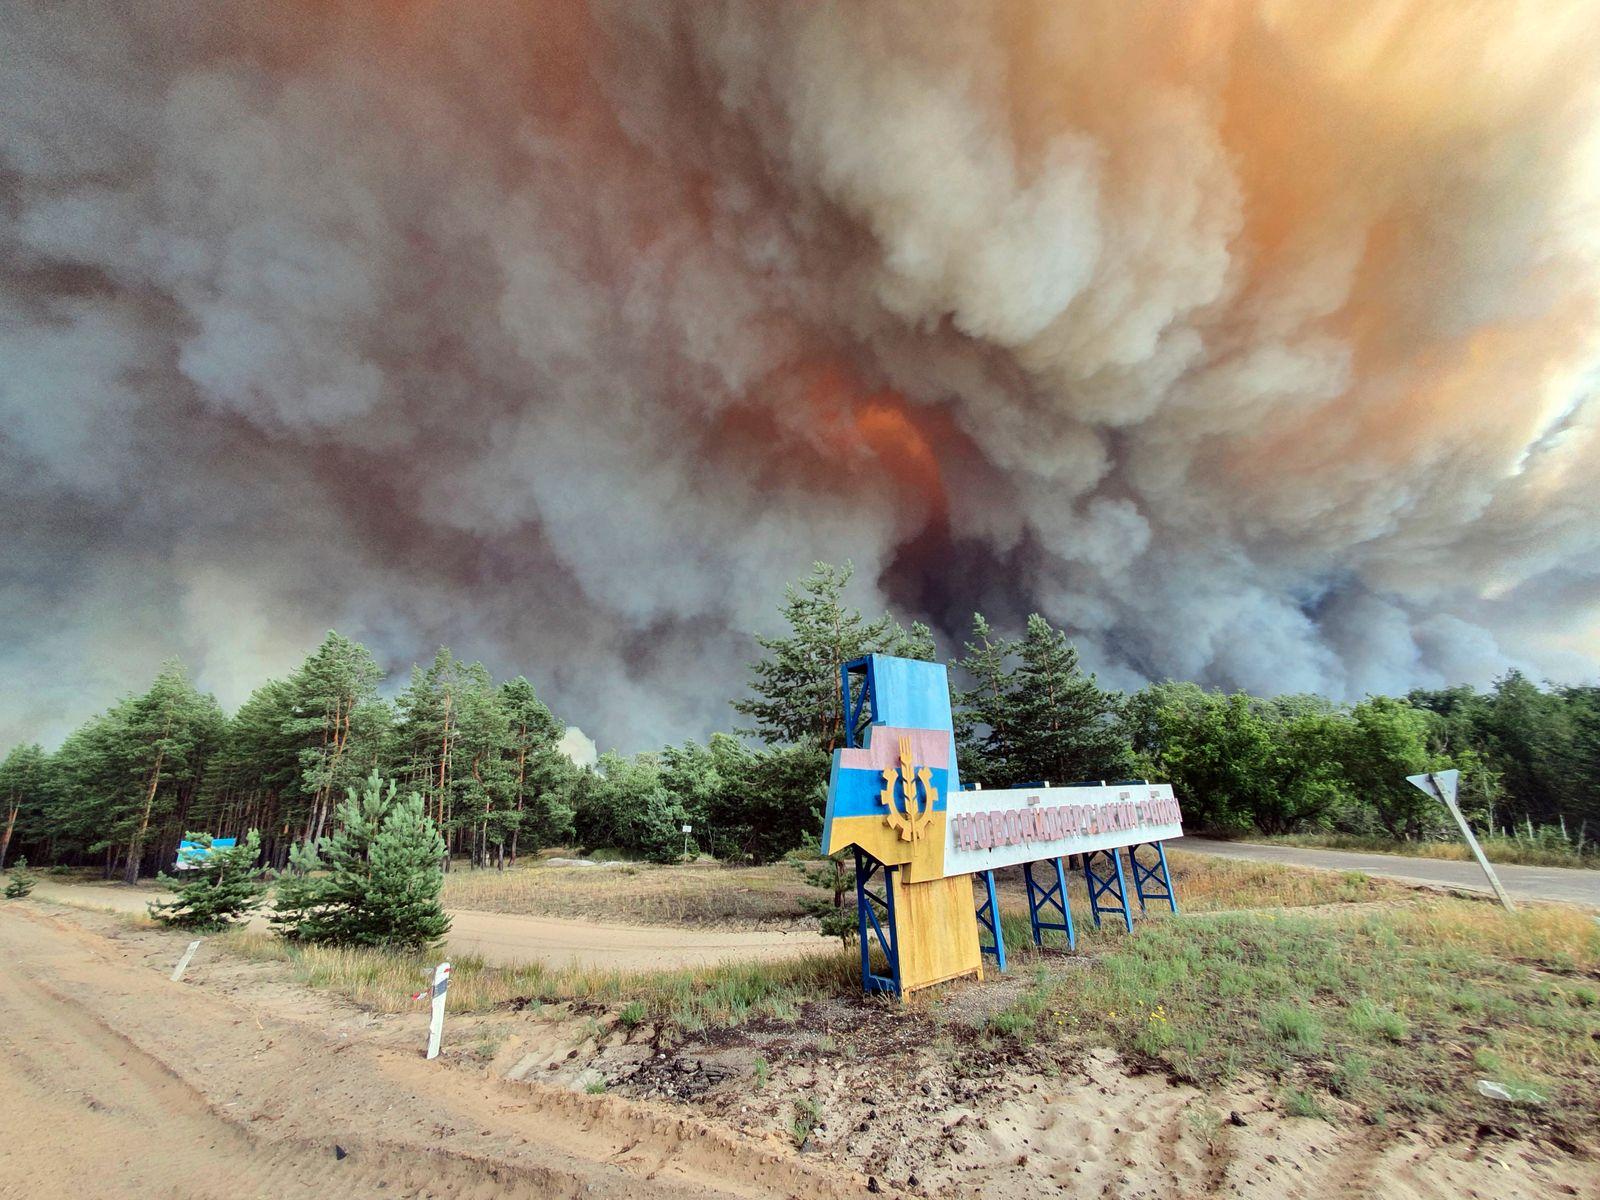 Massive forest fire breaks out in Luhansk Region